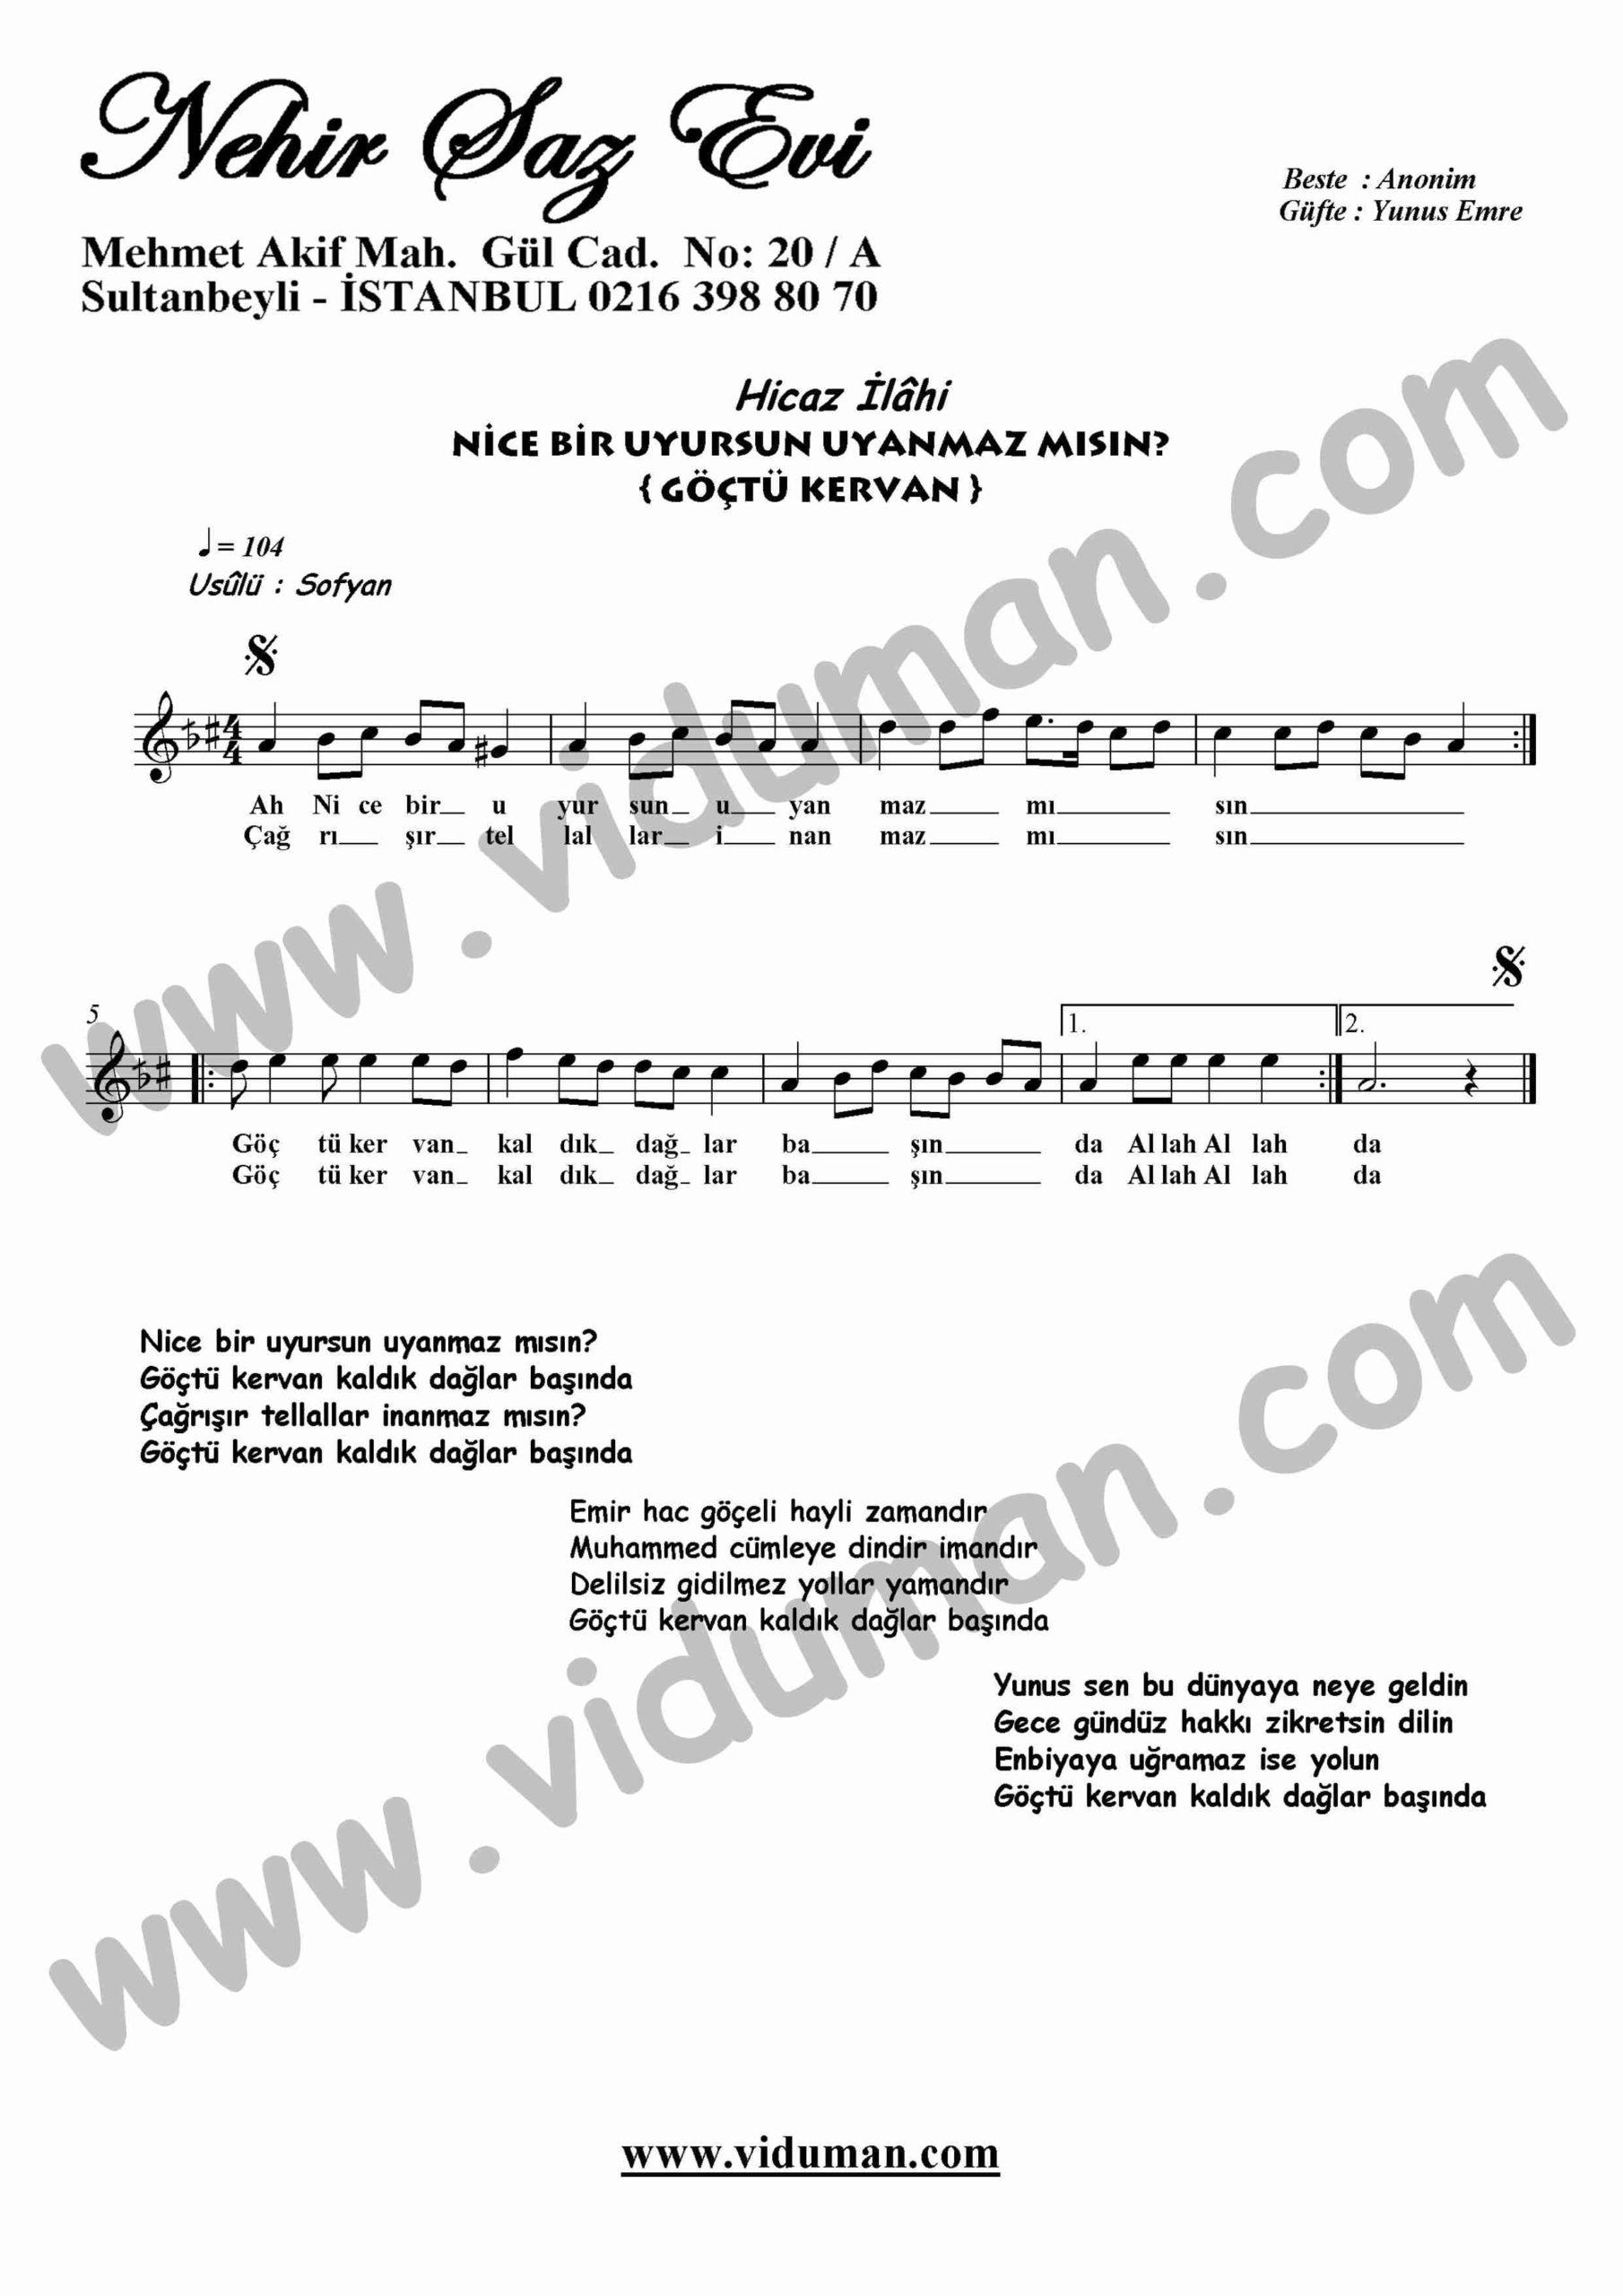 Nice Bir Uyursun (Goctu Kervan)-Ney-Ilahi-Notalari